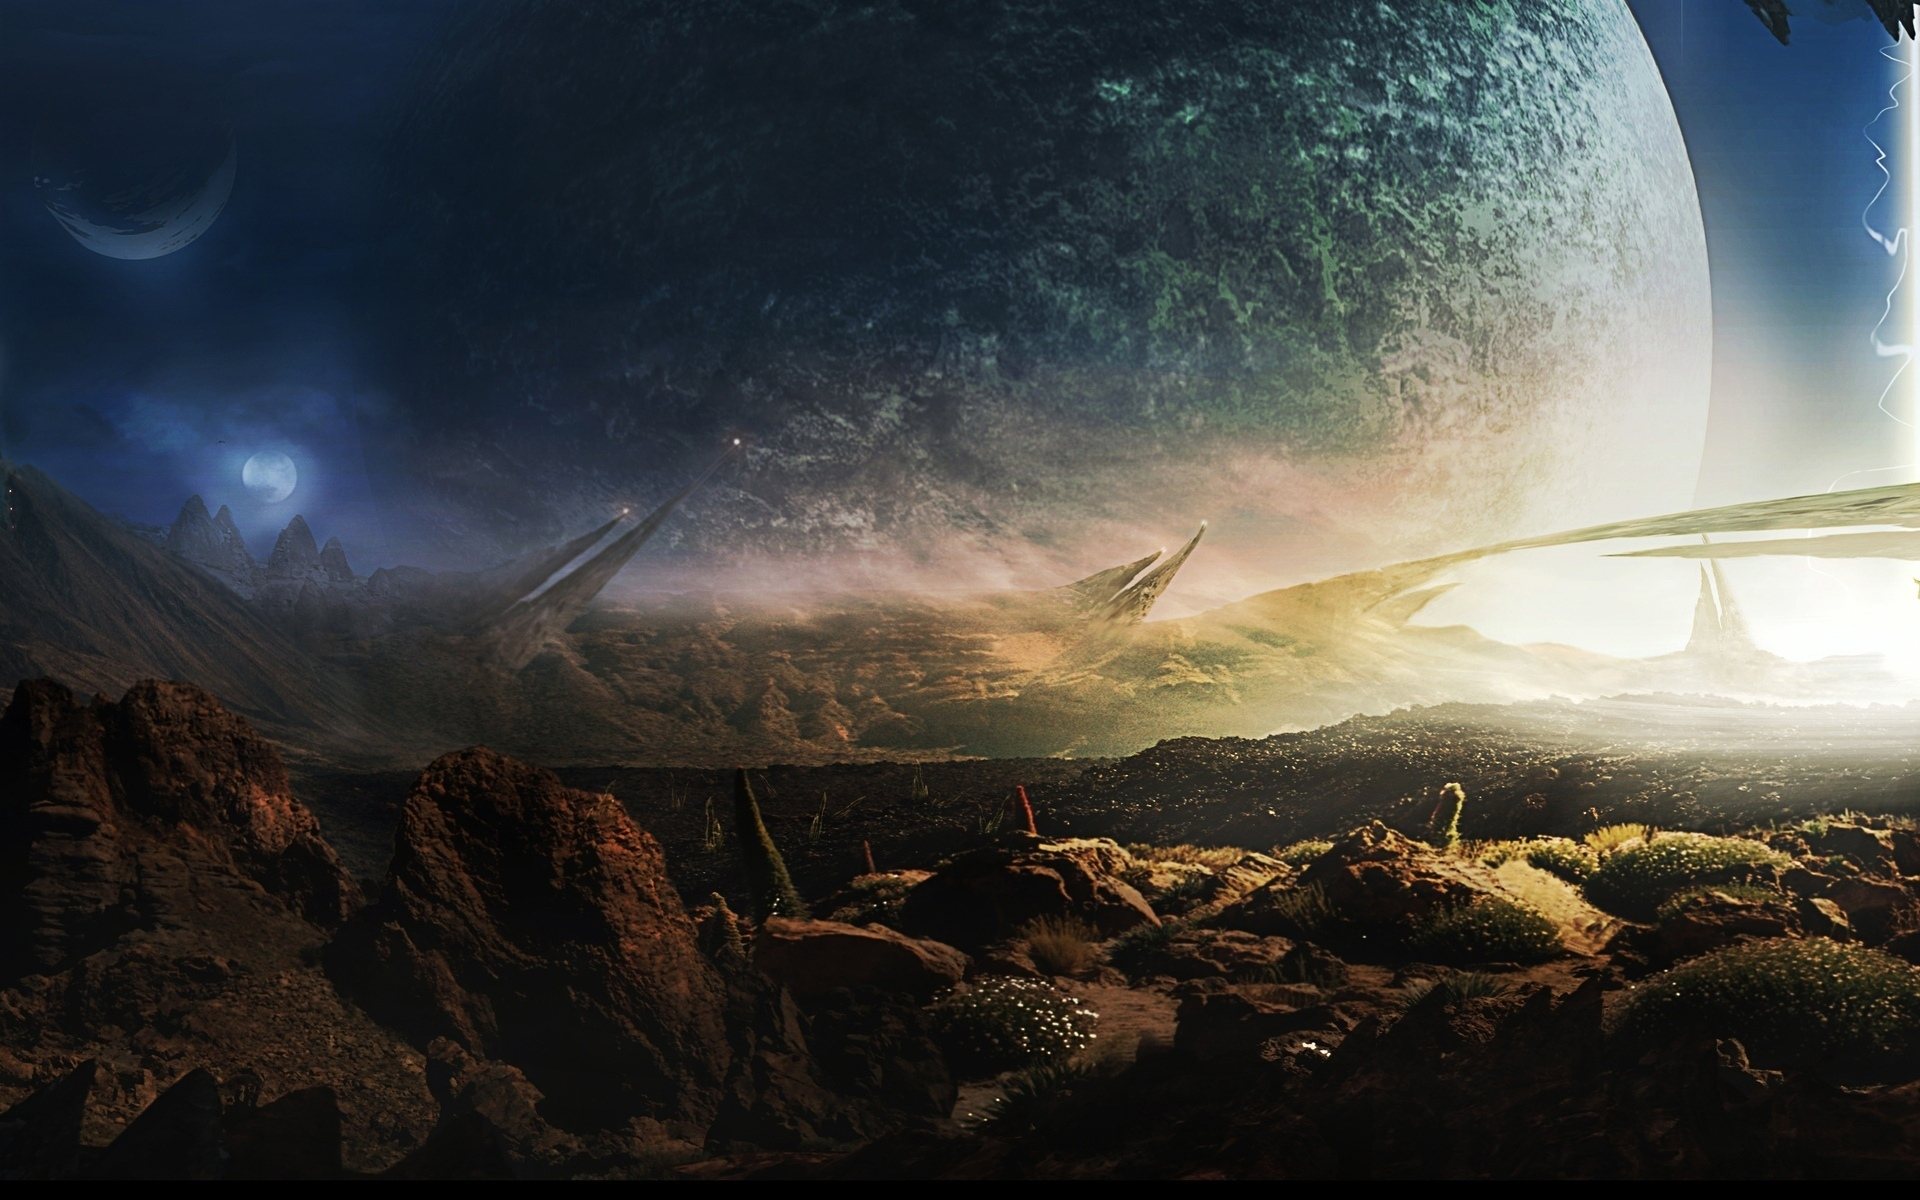 переезда фотографии фантастических планет свет это самый